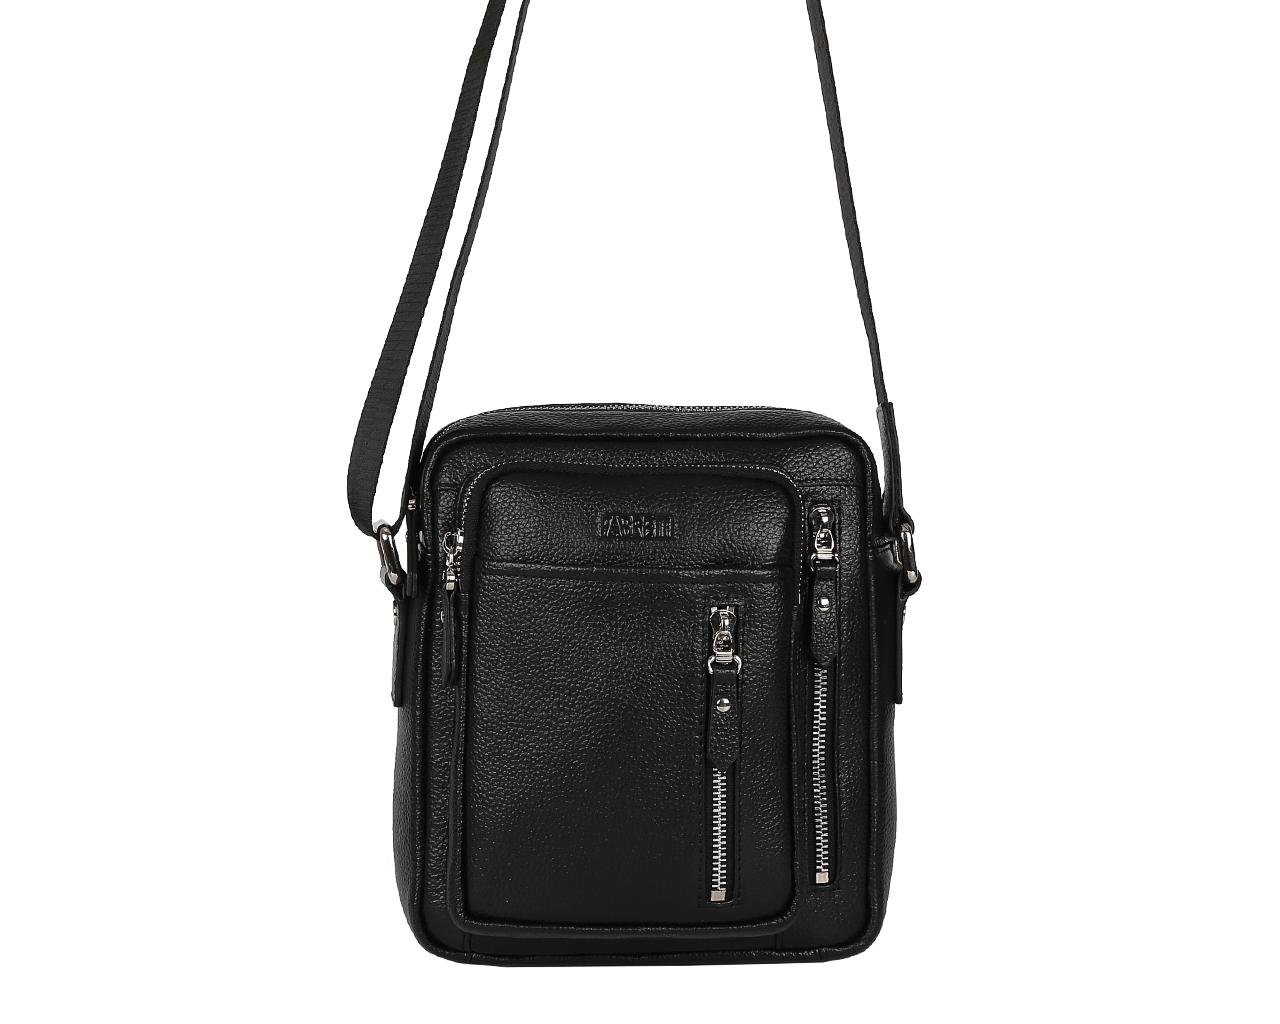 Сумка мужская Fabretti, цвет: черный. LRB004S76245Стильная мужская сумка Fabretti выполнена из натуральной кожи с зернистой фактурой и оформлена металлической фурнитурой.Изделие содержит одно основное отделение, которое закрывается молнию. Внутри расположен врезной карман на молнии встроенный органайзер, который состоит из накладного кармана для телефона и двух кожаных фиксаторов для ручек. Снаружи, на лицевой стенке сумки расположен накладной карман. В тыльной стенке сумки расположены два врезных кармана с молниями и два накладных кармана, один из которых закрывается на молнию. В тыльной стенке сумки дополнительный врезной карман на молнии. Сумка оснащена плечевым ремнем регулируемой длины, который крепится к основанию изделия при помощи металлической фурнитуры.Сумка Fabretti прекрасно дополнит образ и подчеркнет ваш неповторимый стиль.